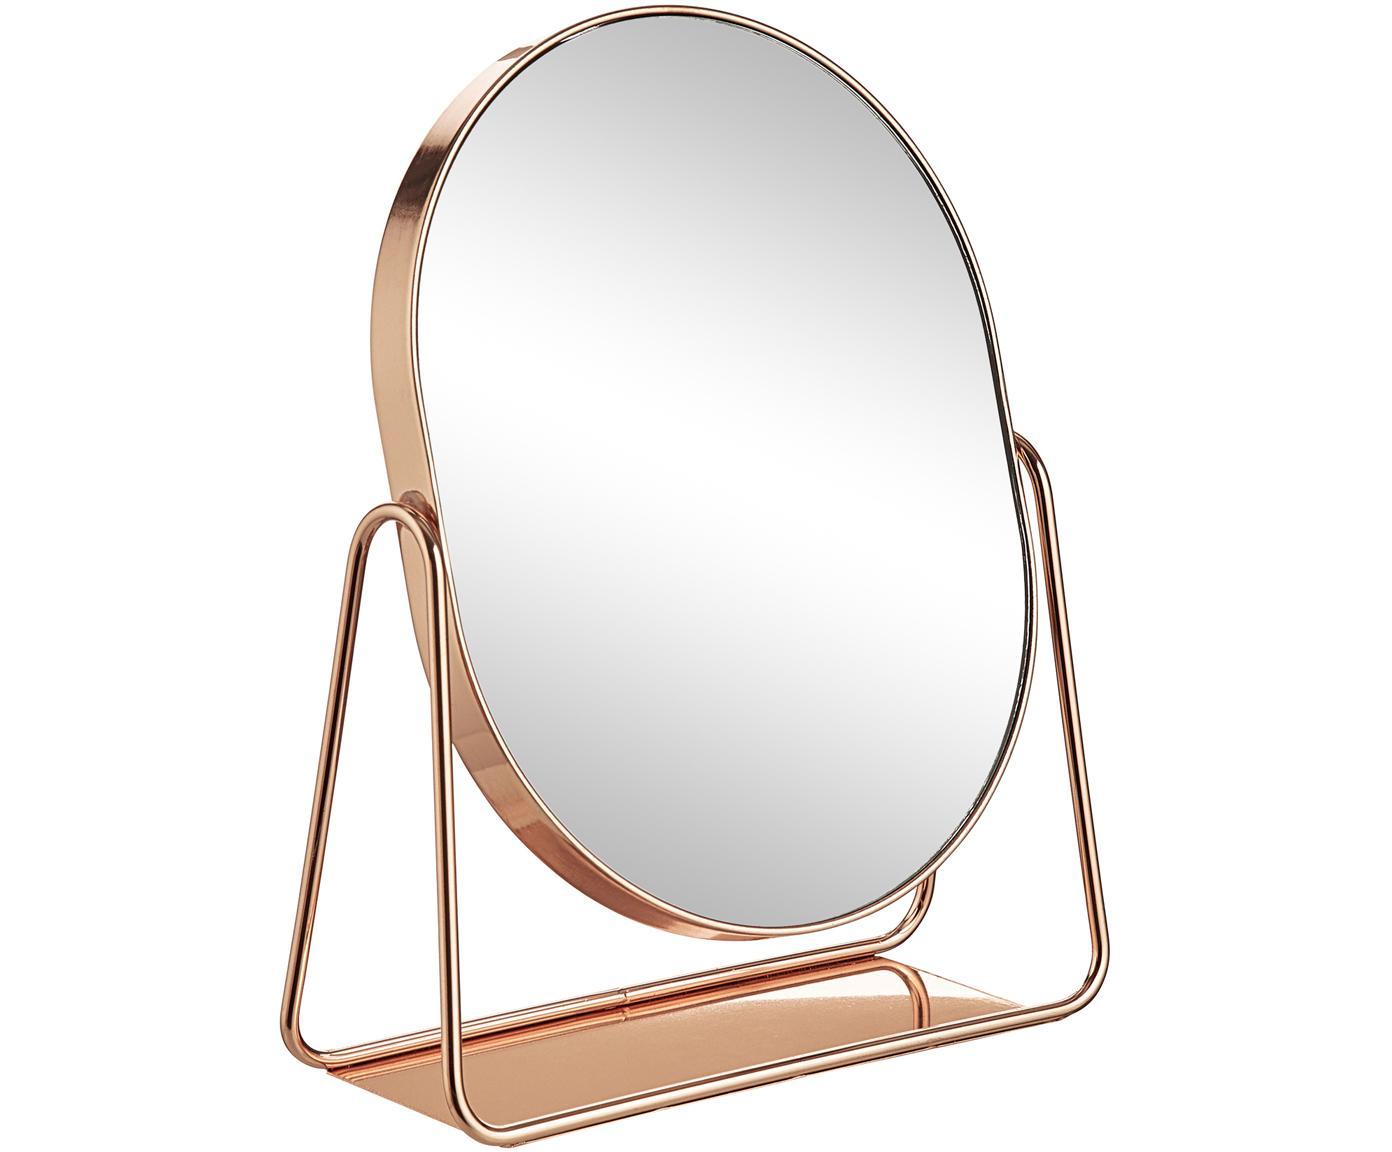 Make-up spiegel Gloria, Gelakt metaal, Roze goudkleurig, 16 x 22 cm